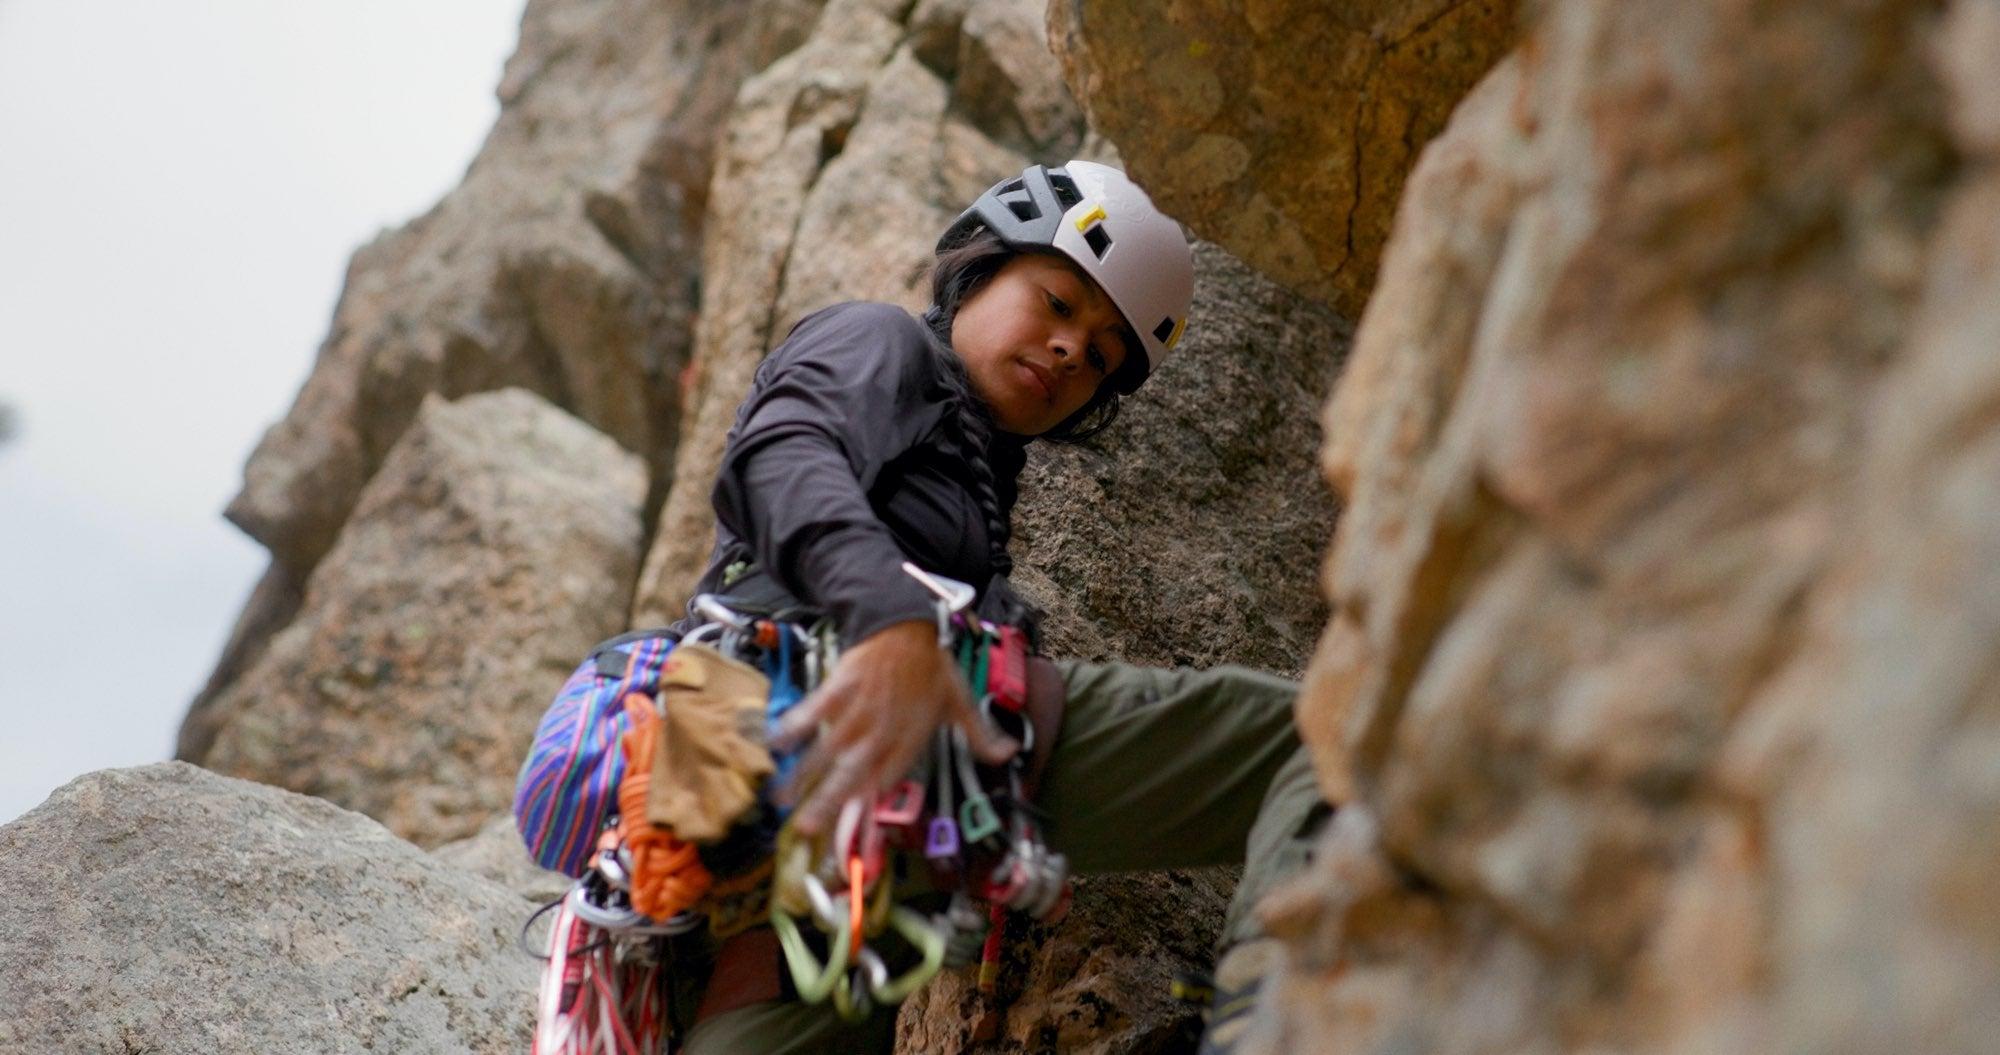 Escaladora: When A Climb Is A Prayer